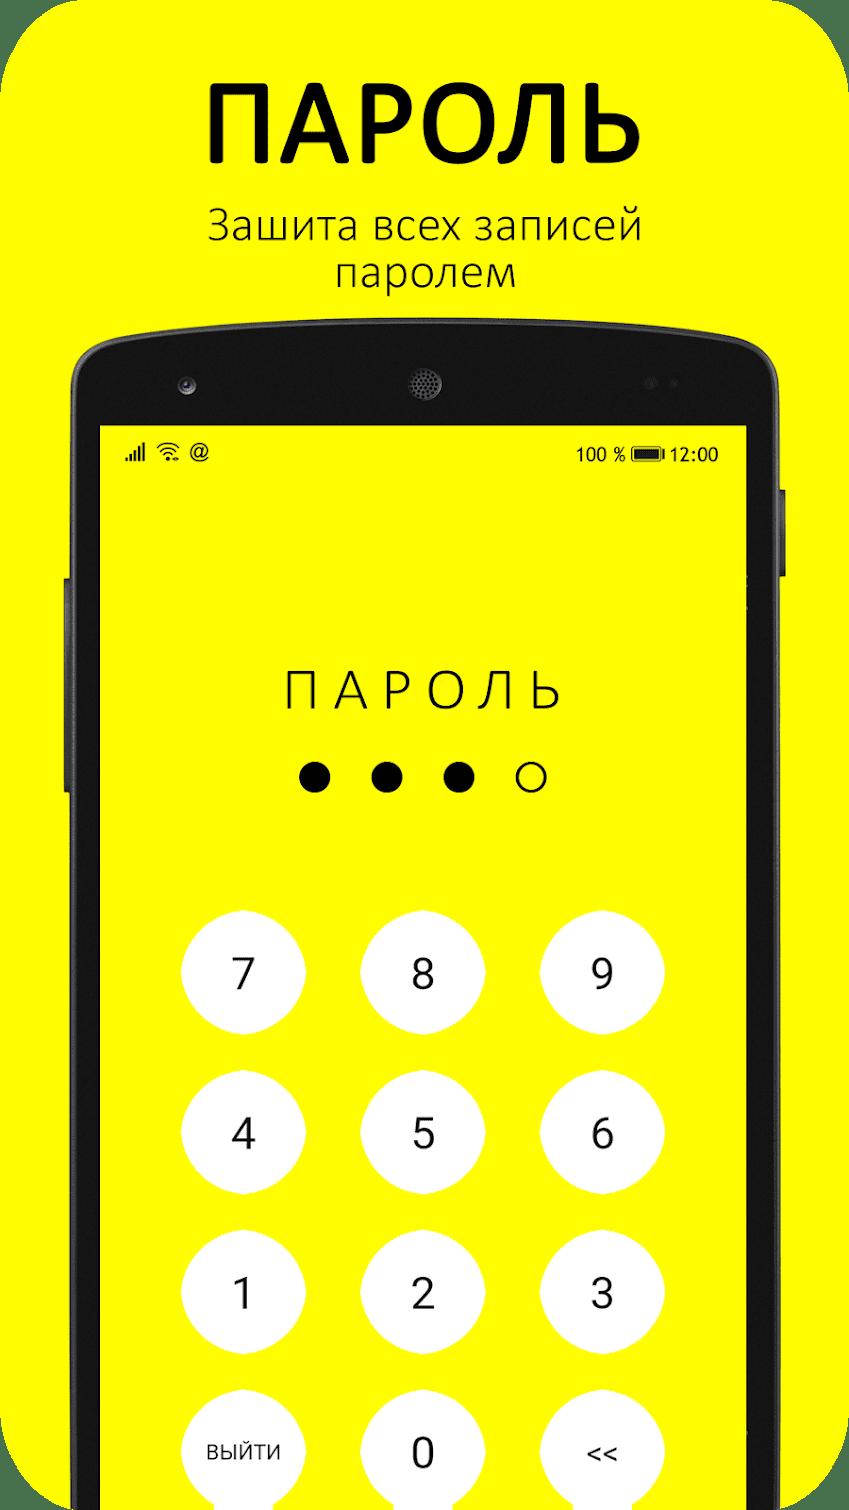 Krasnyj bloknot скриншот 4